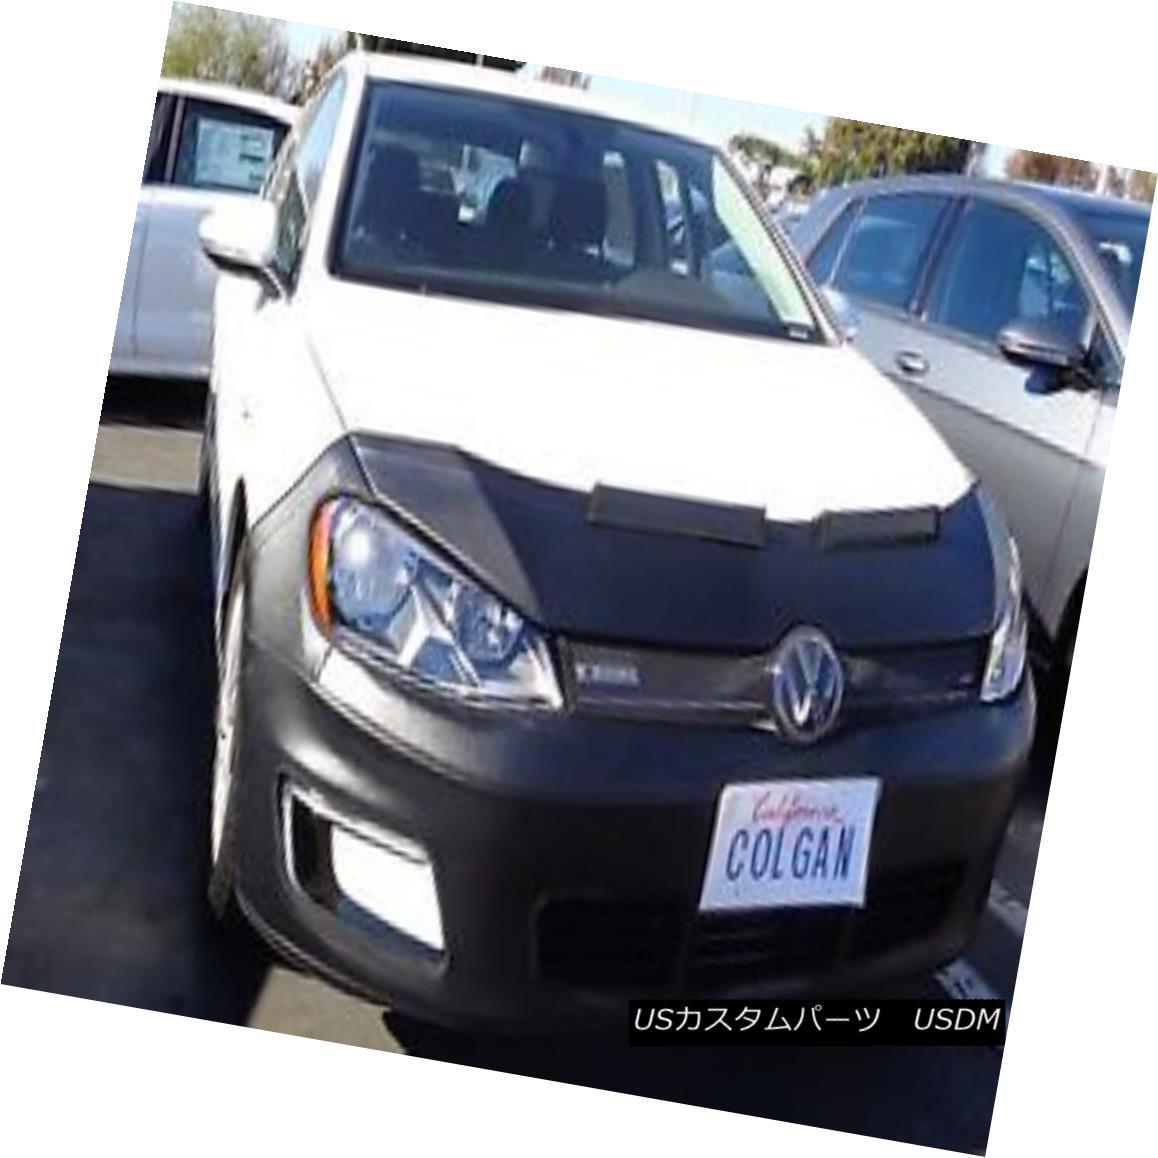 フルブラ ノーズブラ Colgan Front End Mask Bra 2pc. Fits VW E-Golf SE, SEL, Limited 2015-16 W/License コルガンフロントエンドマスクブラ2pc VW E-Golf SE、SEL、限定2015-16 W /ライセンスに適合